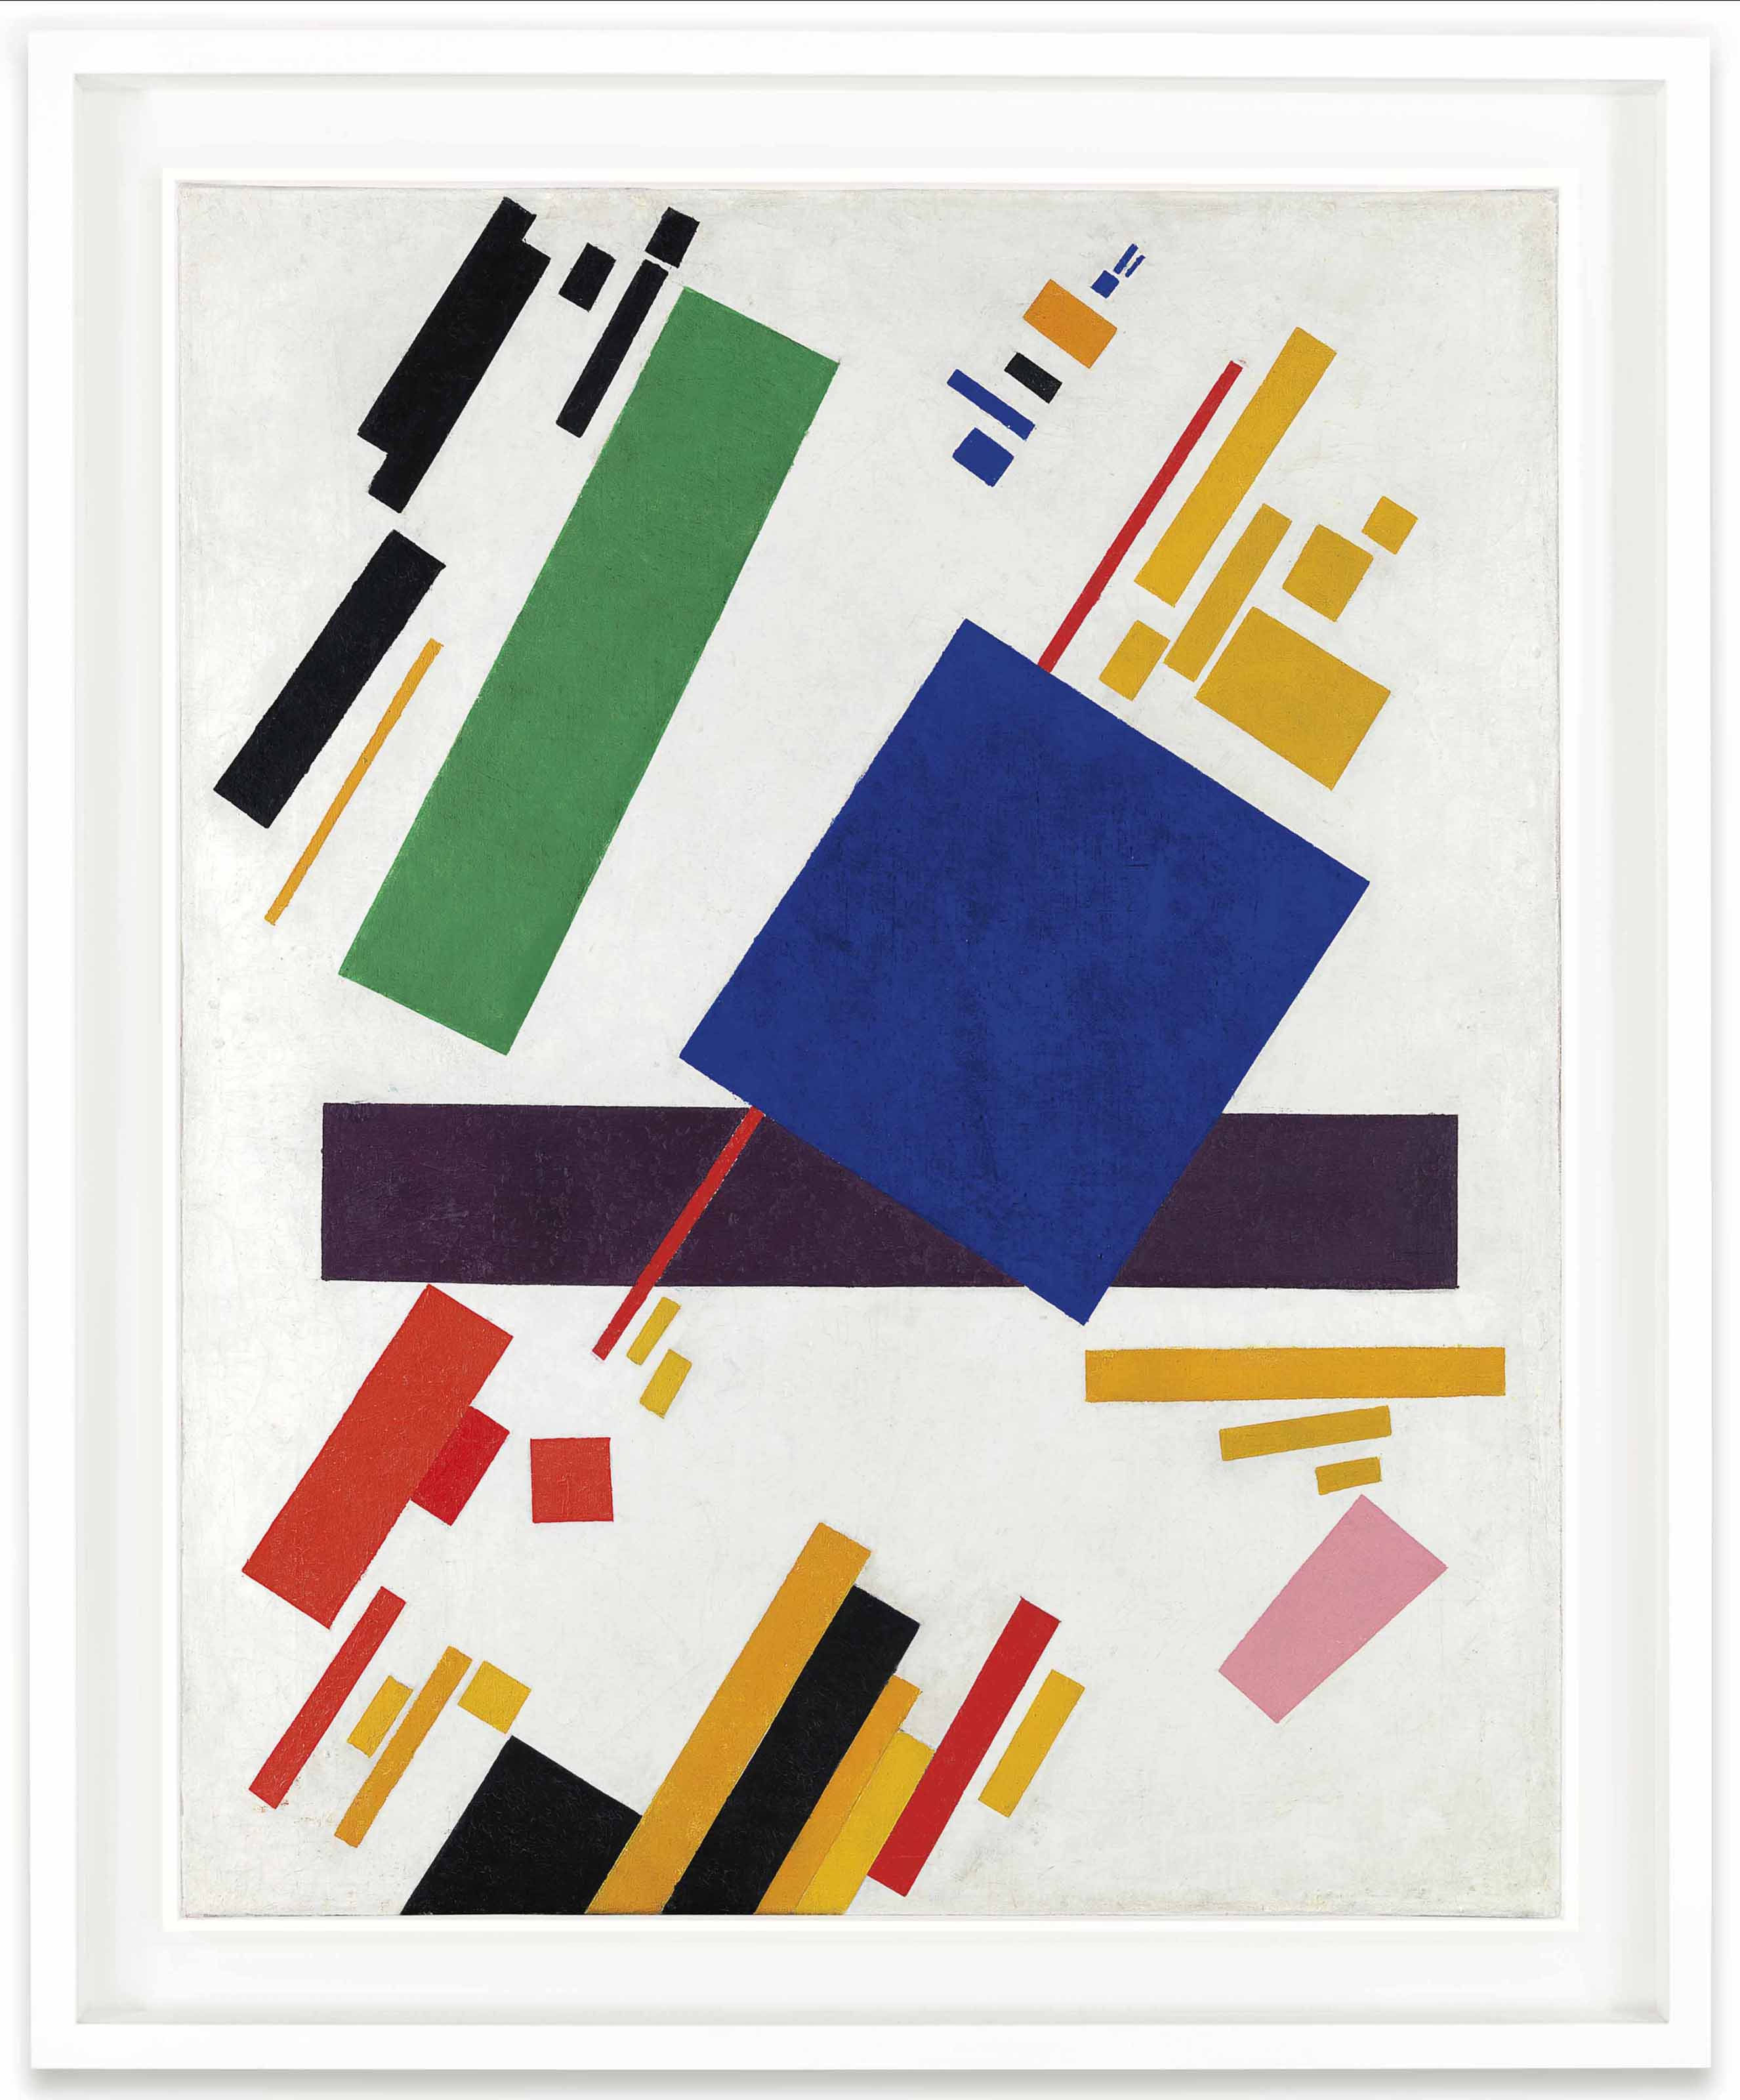 Kasimir Malevich (1878-1935) Suprematist Composition (1916)